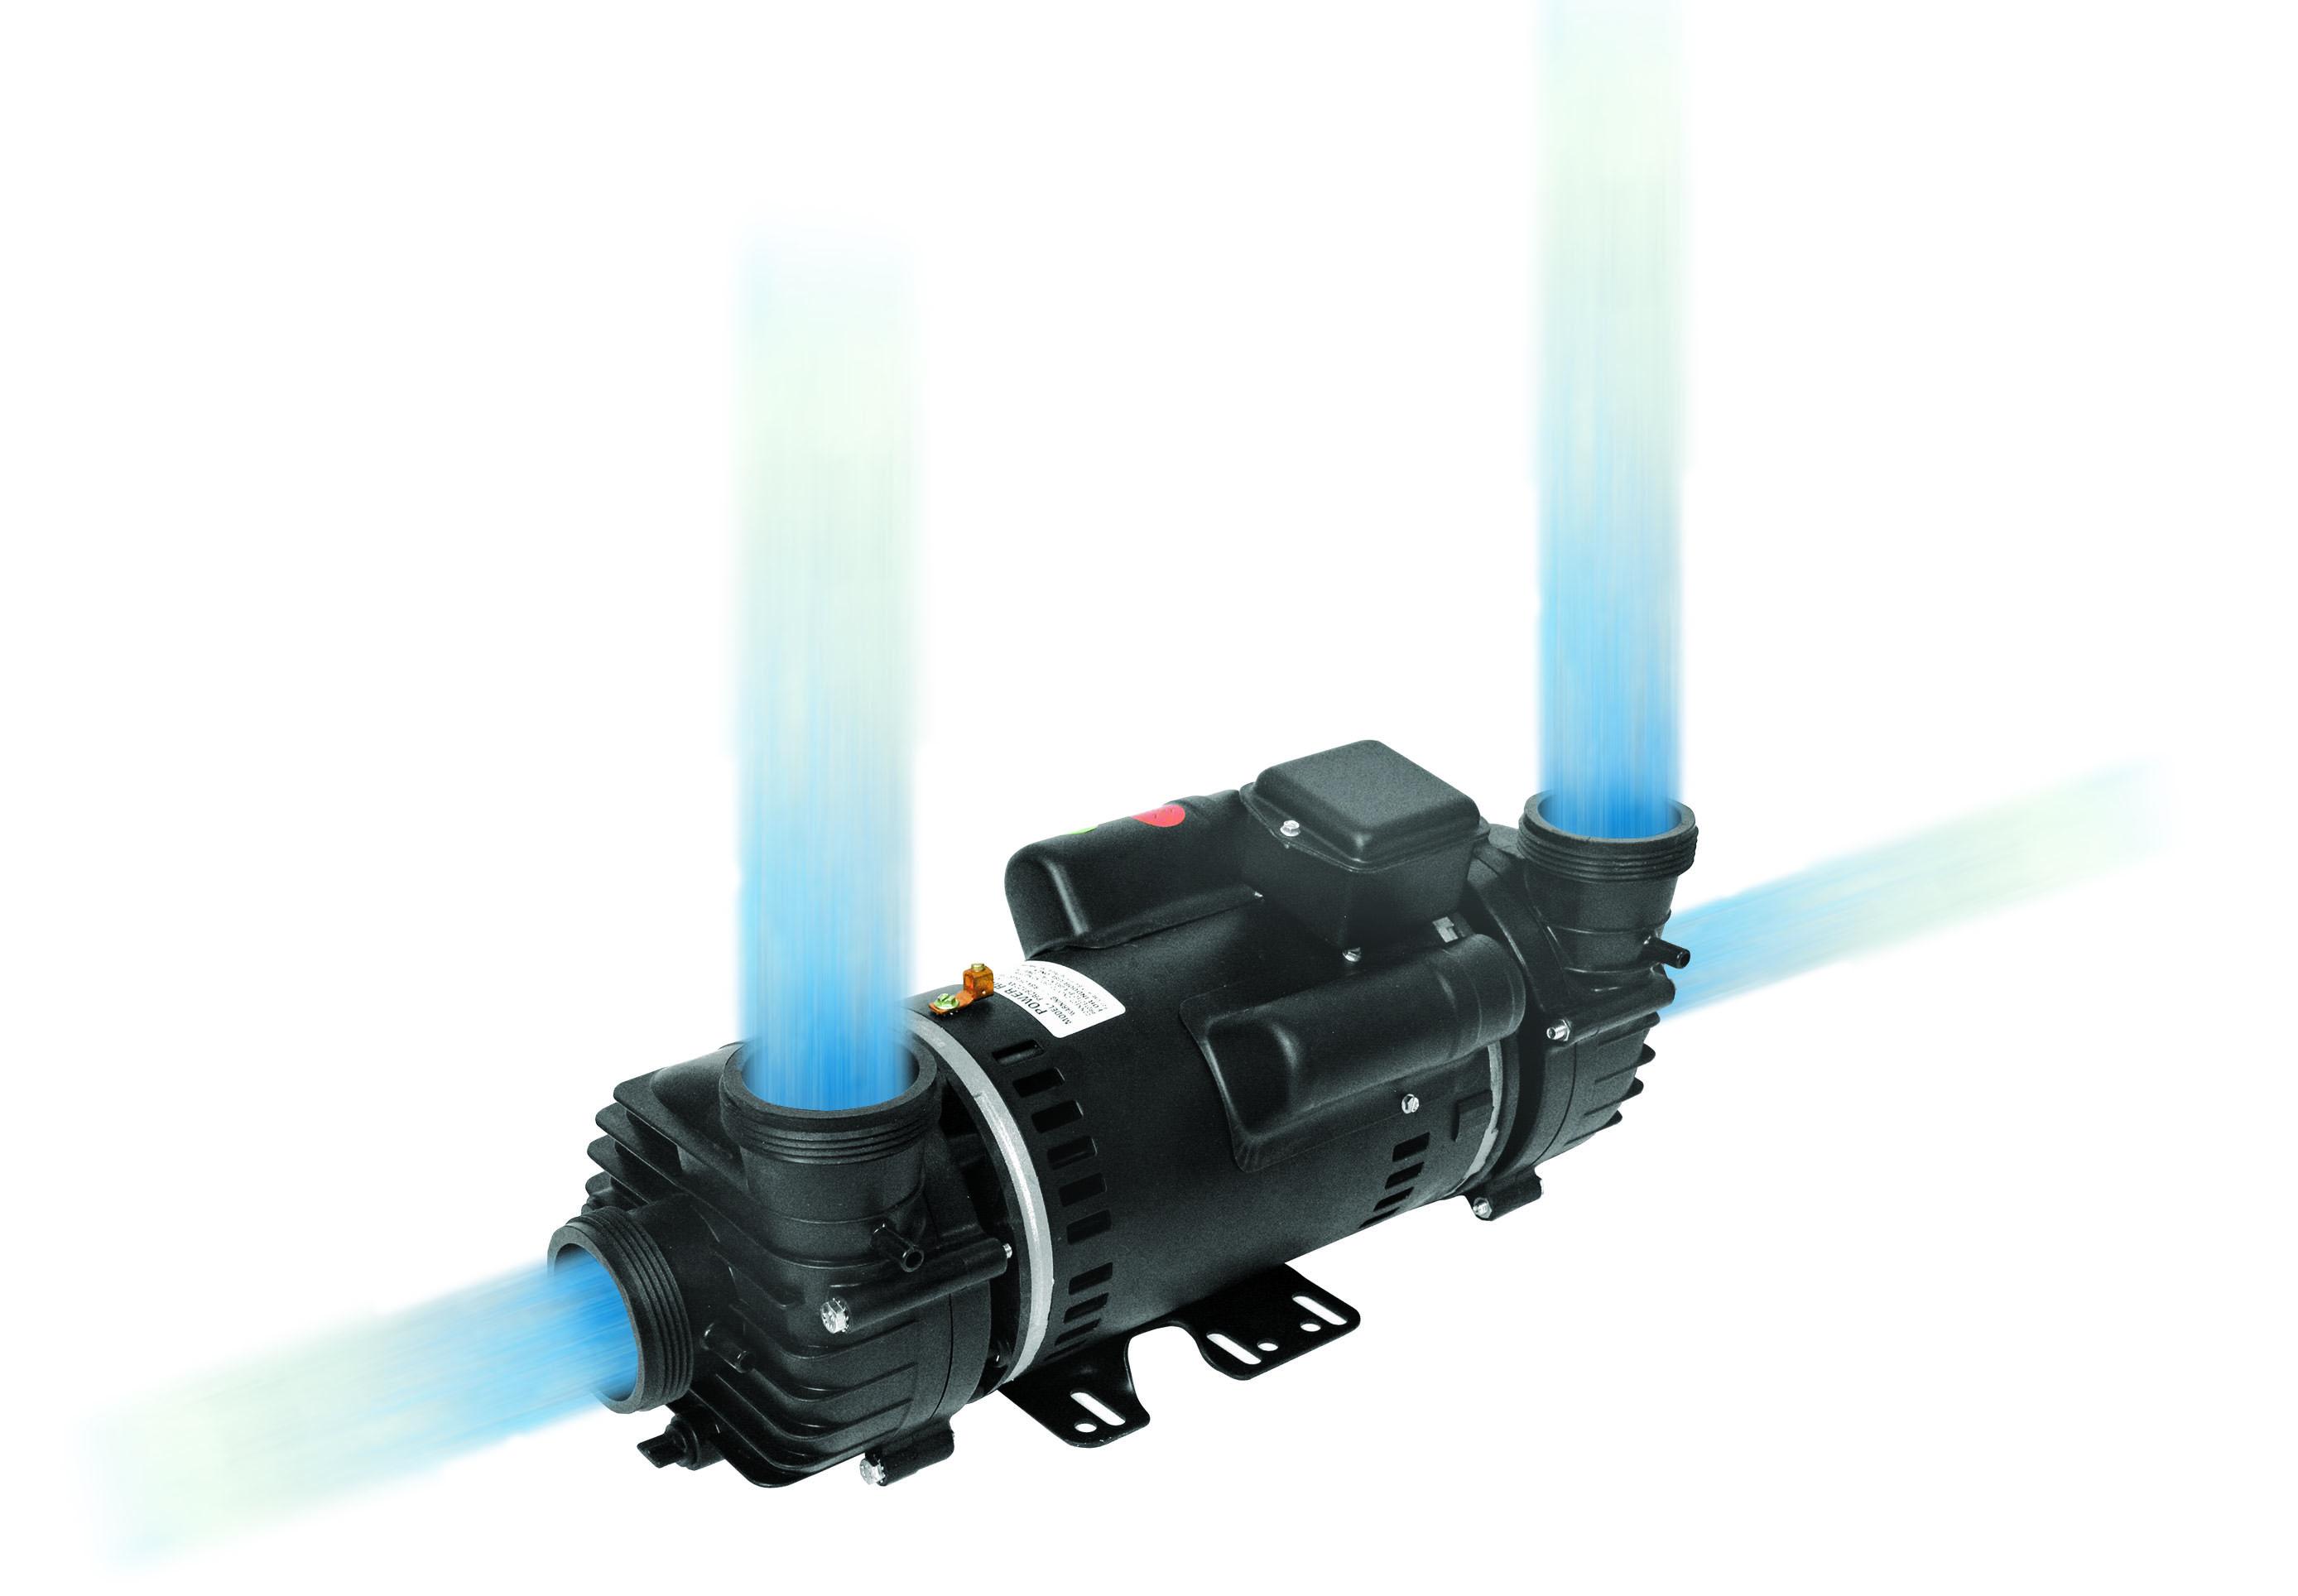 Quick spa parts blogquick spa parts blog for Cal spa dually pump motor